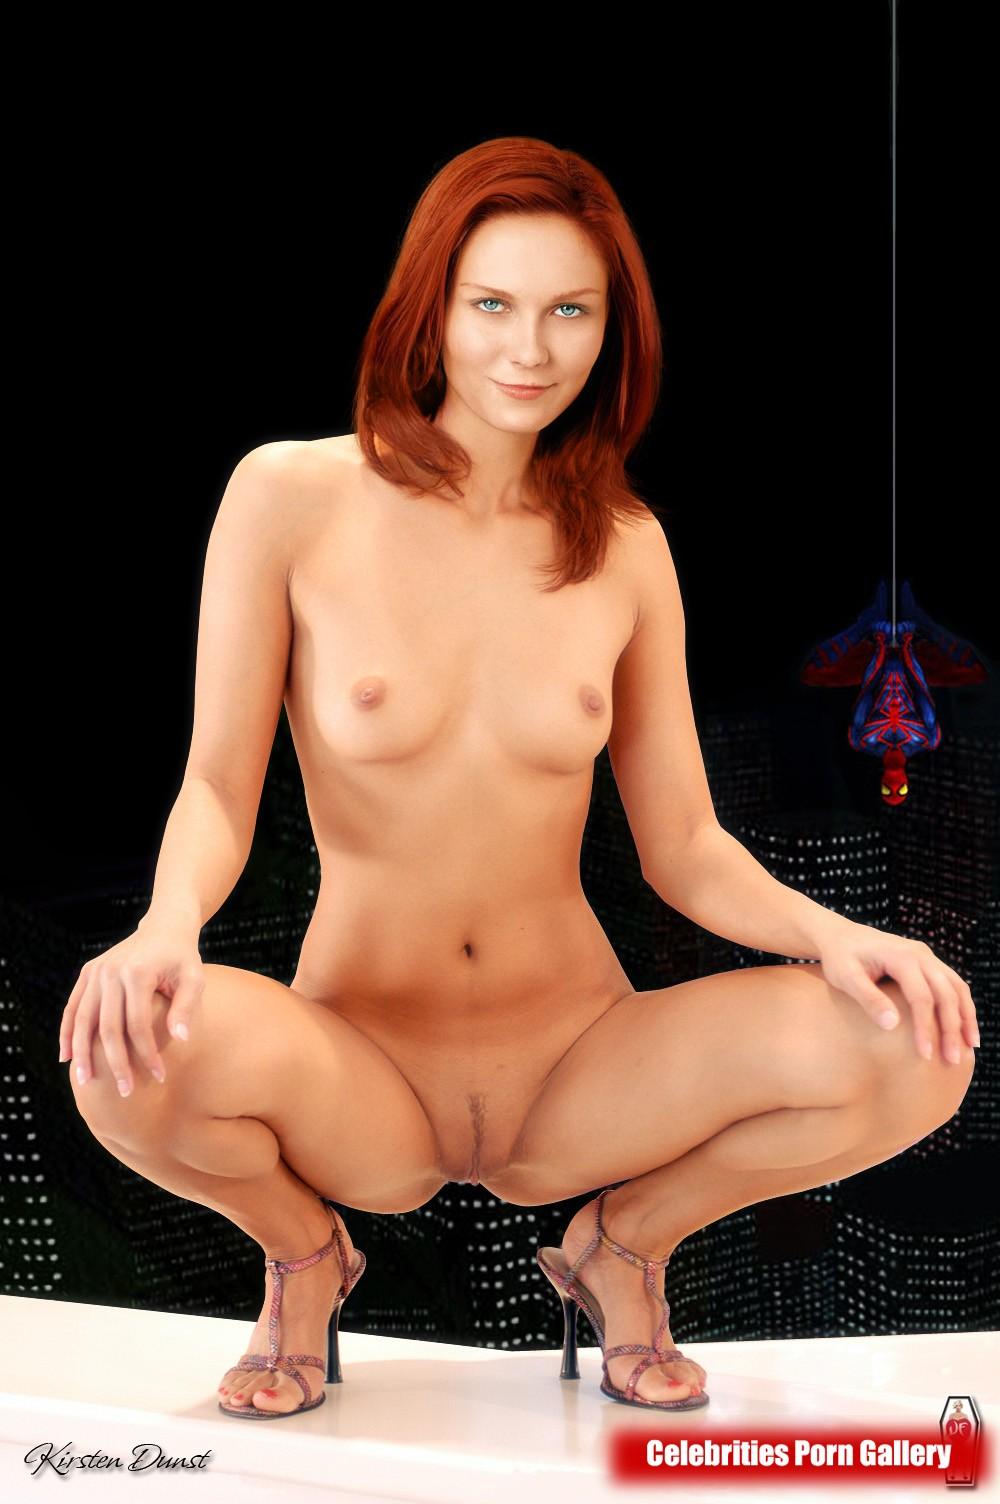 Порно фото голой мэри джейн, порно онлайн красивые большие сиськи